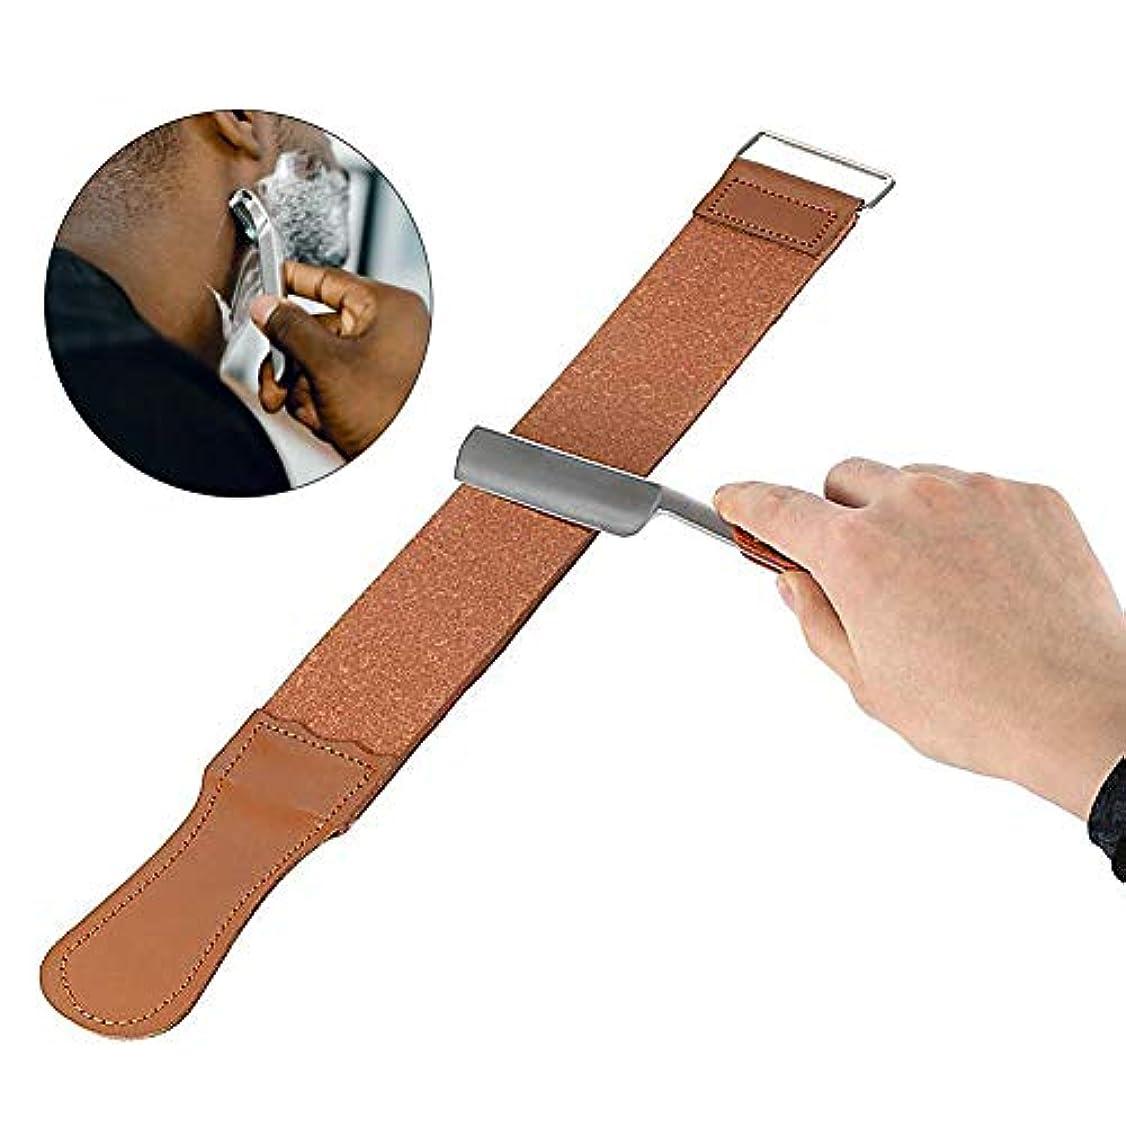 振りかけるミトン配列革布かみそりストラップ、二重層革研削布スクレーパー男性シェービングツール 耐久性